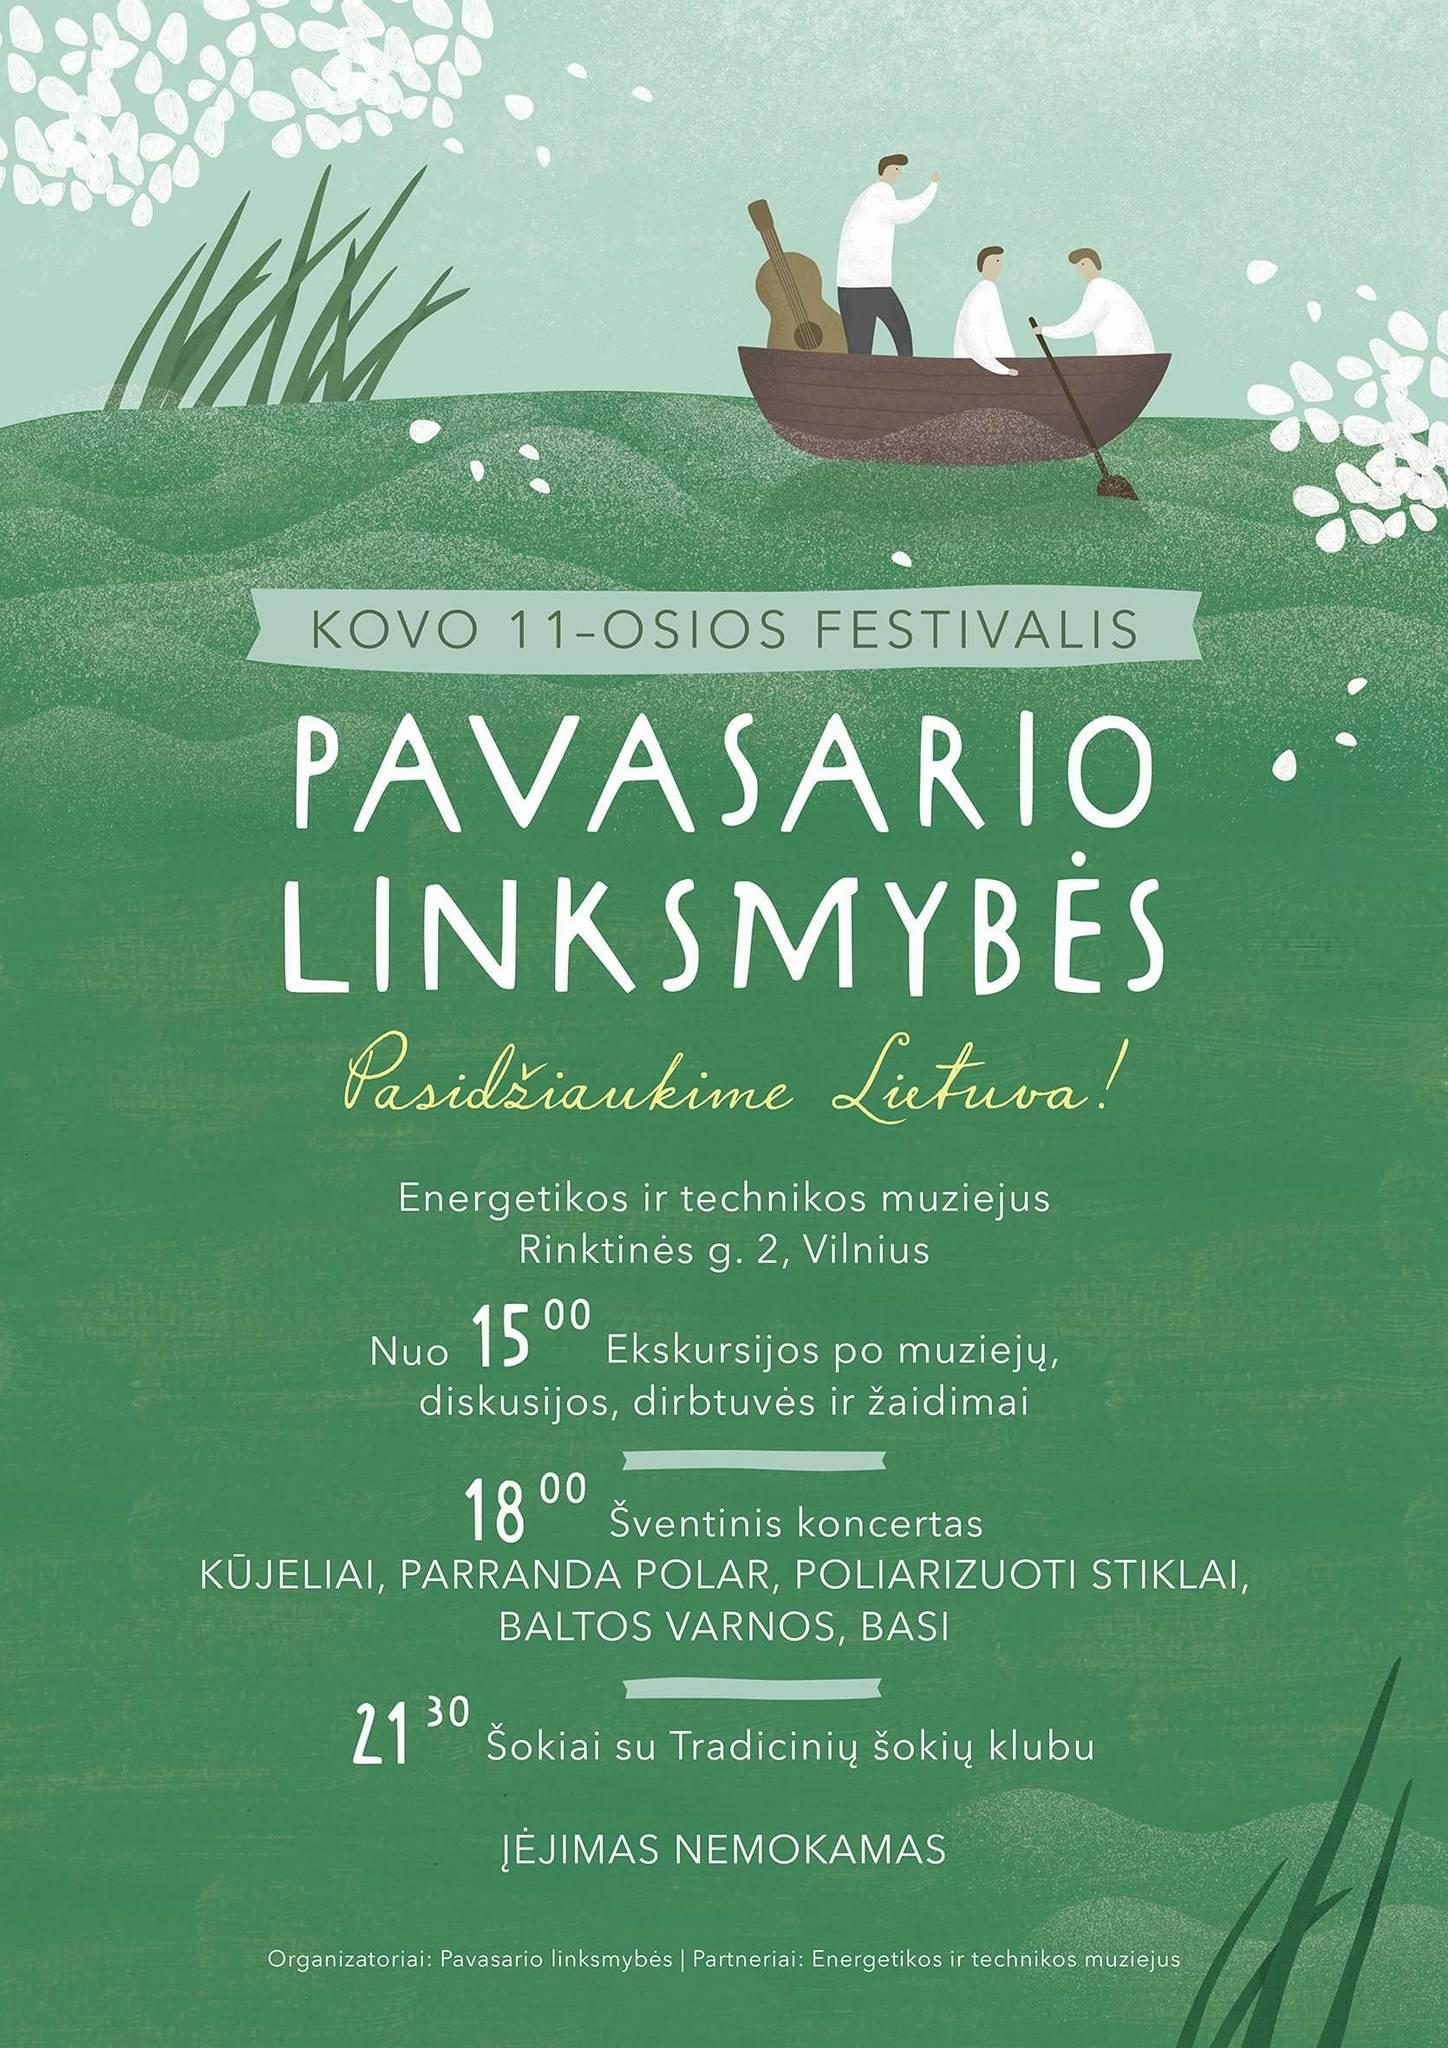 Kovo 11-osios festivalis Pavasario linksmybės